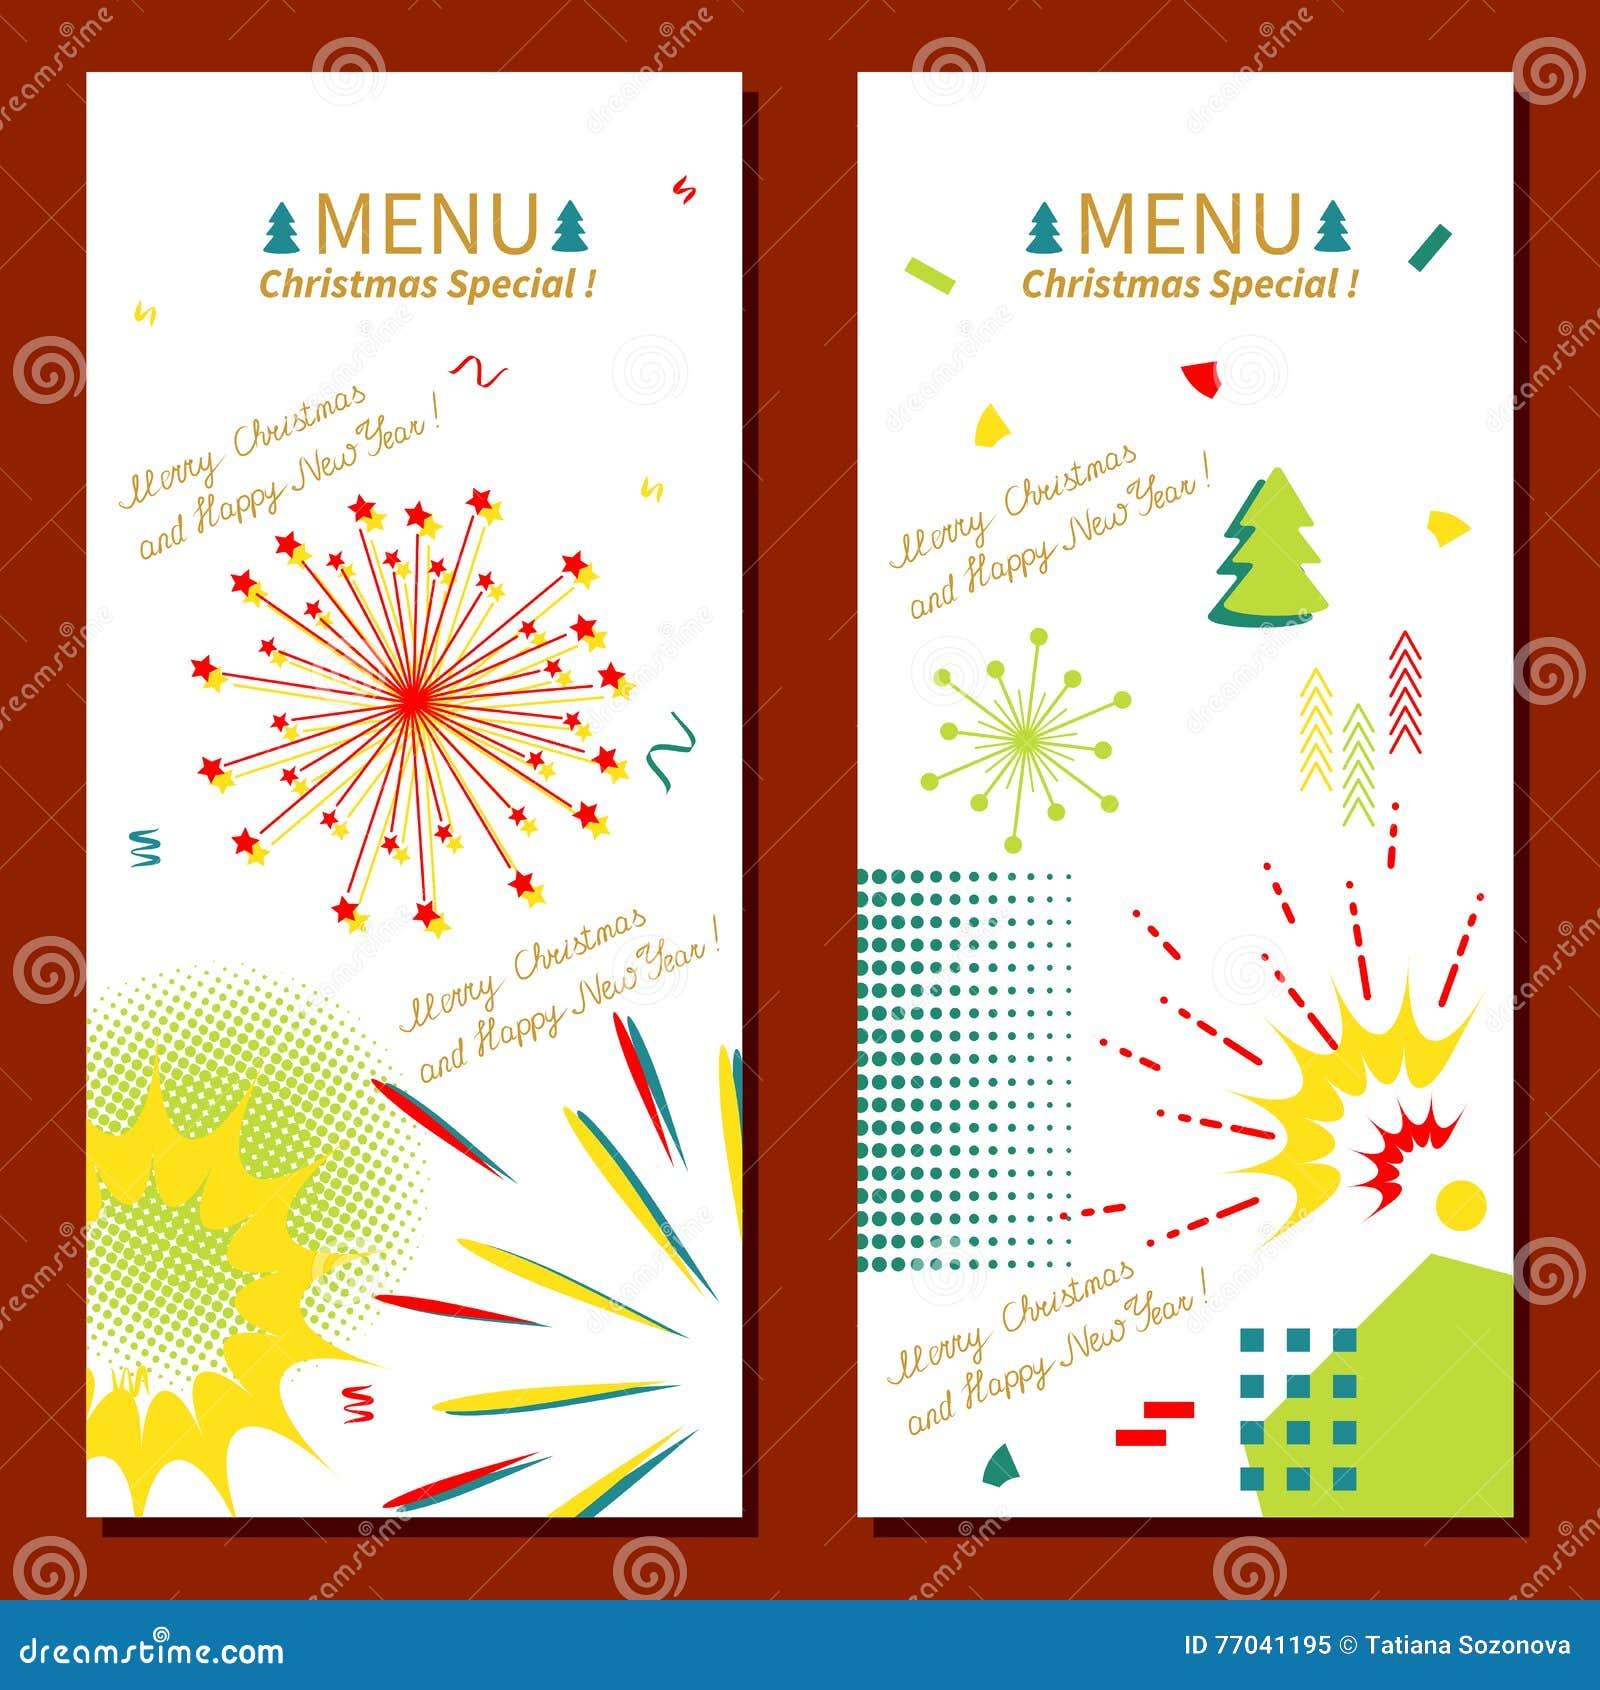 christmas menu memphis style - Simple Christmas Menu